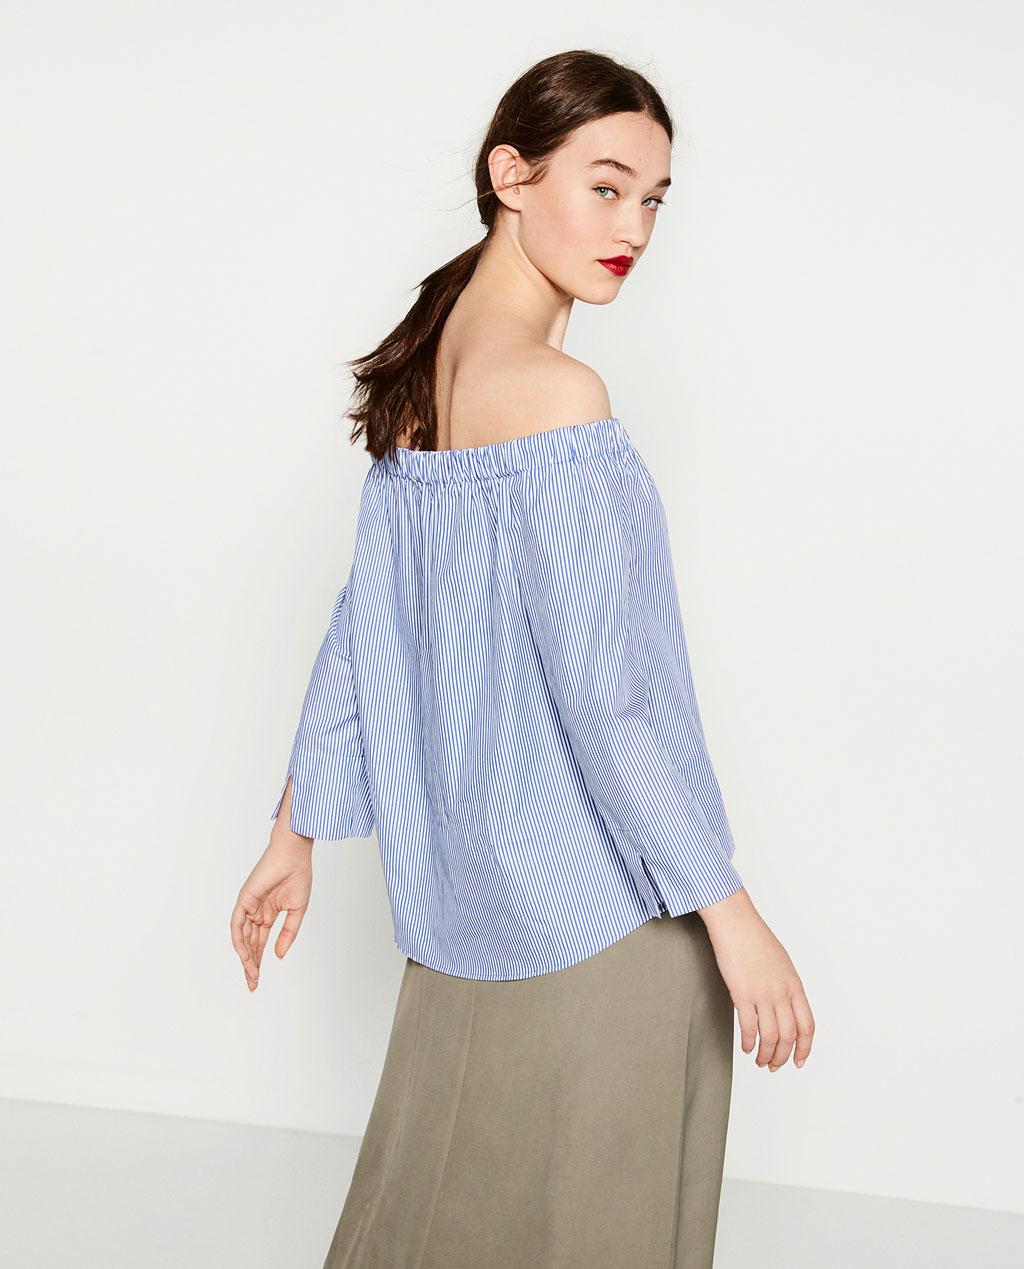 Zara off shoulder top